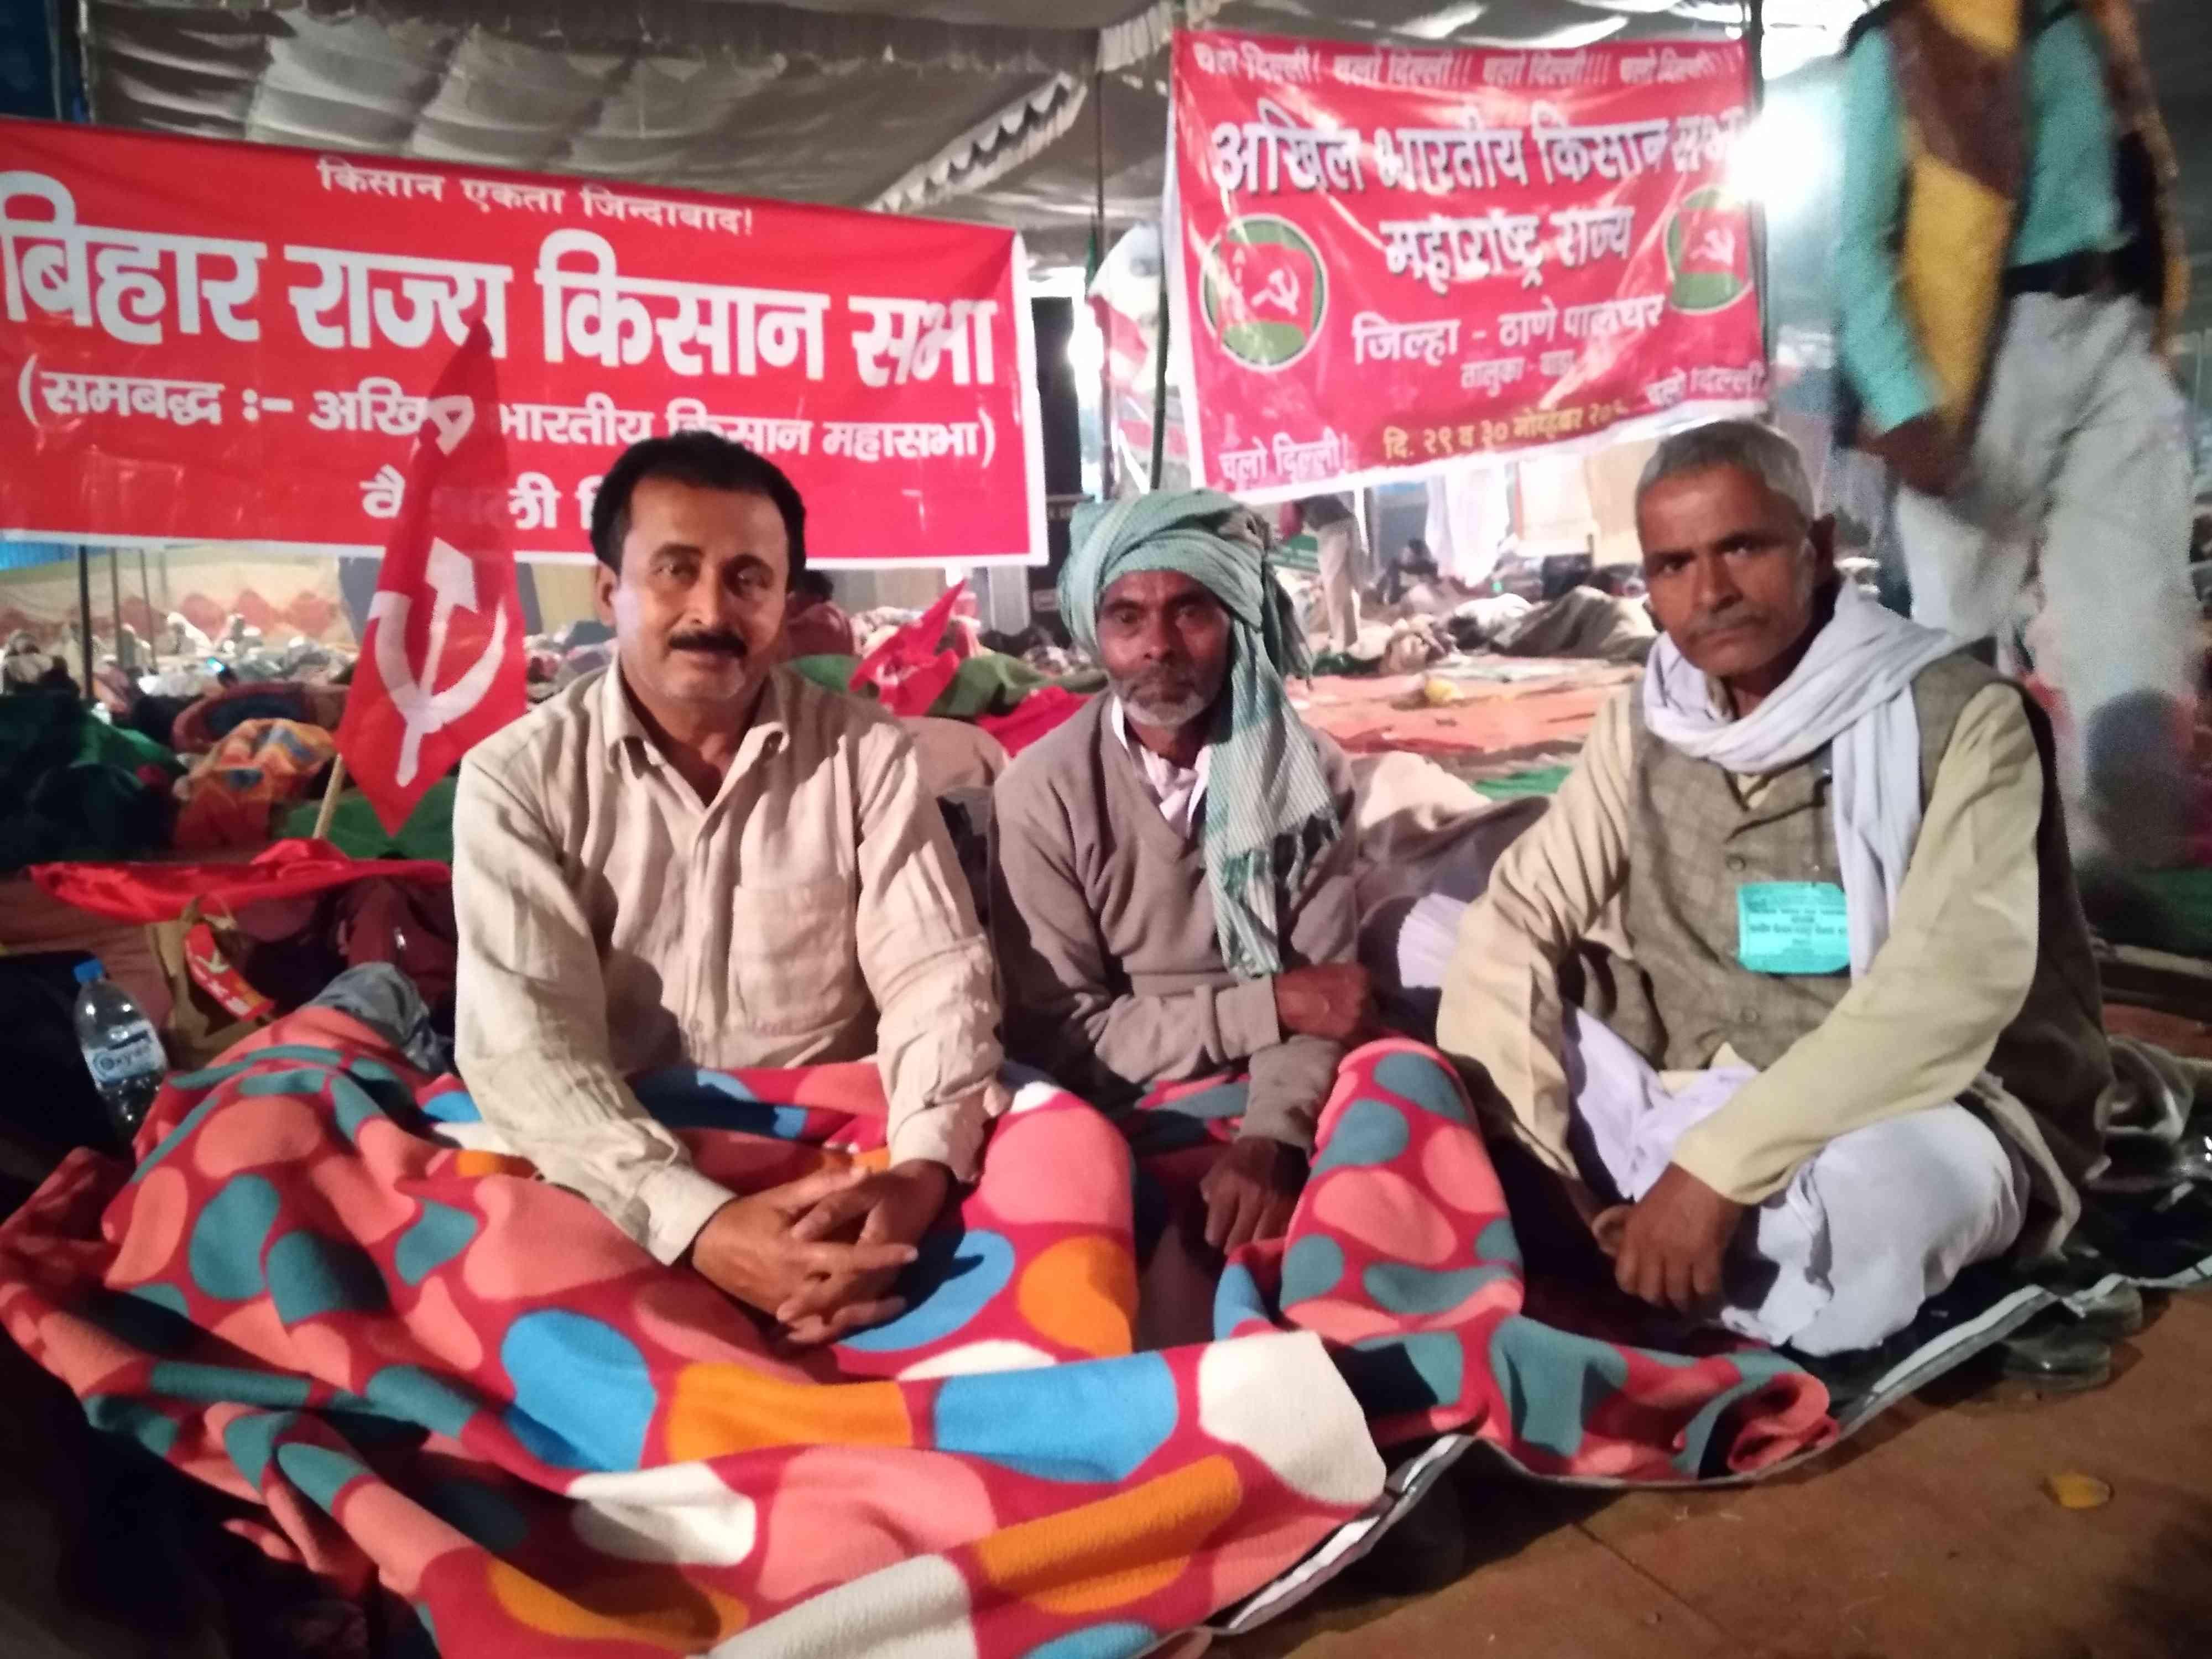 विश्वनाथ राय विप्लवी के साथ वैशाली के अन्य किसान